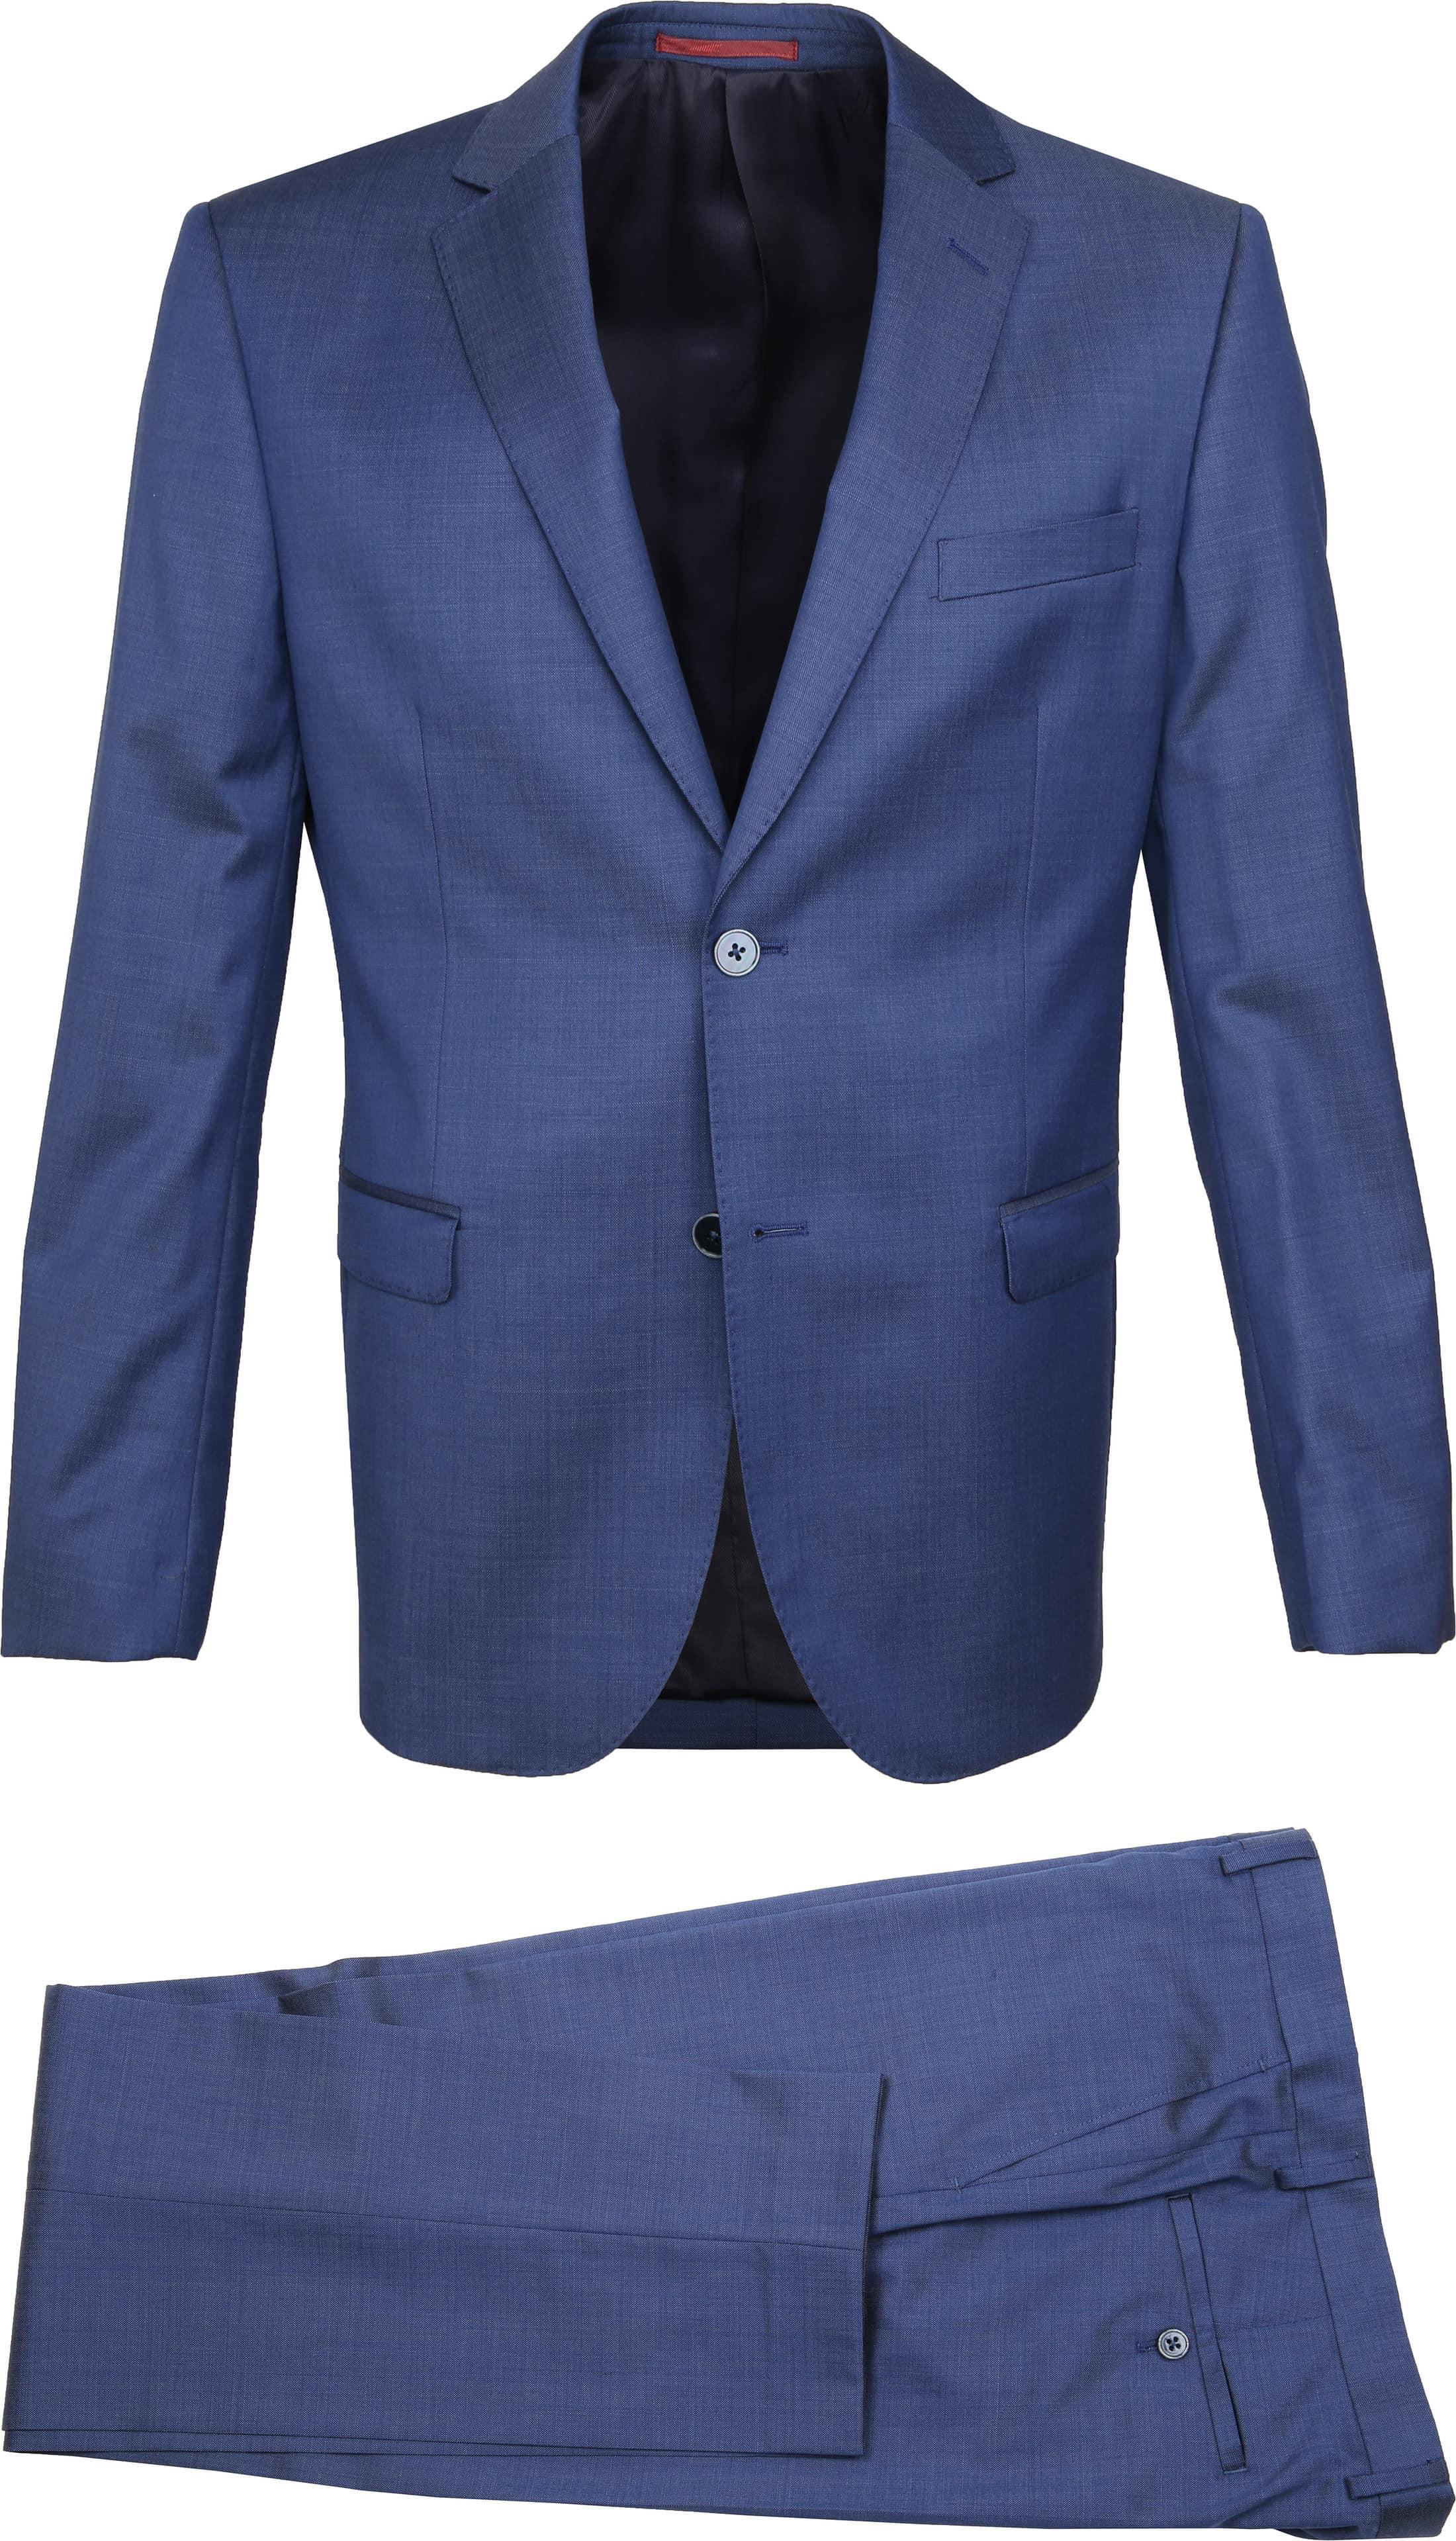 Suitable Suit Lucius Lyon Blue foto 1